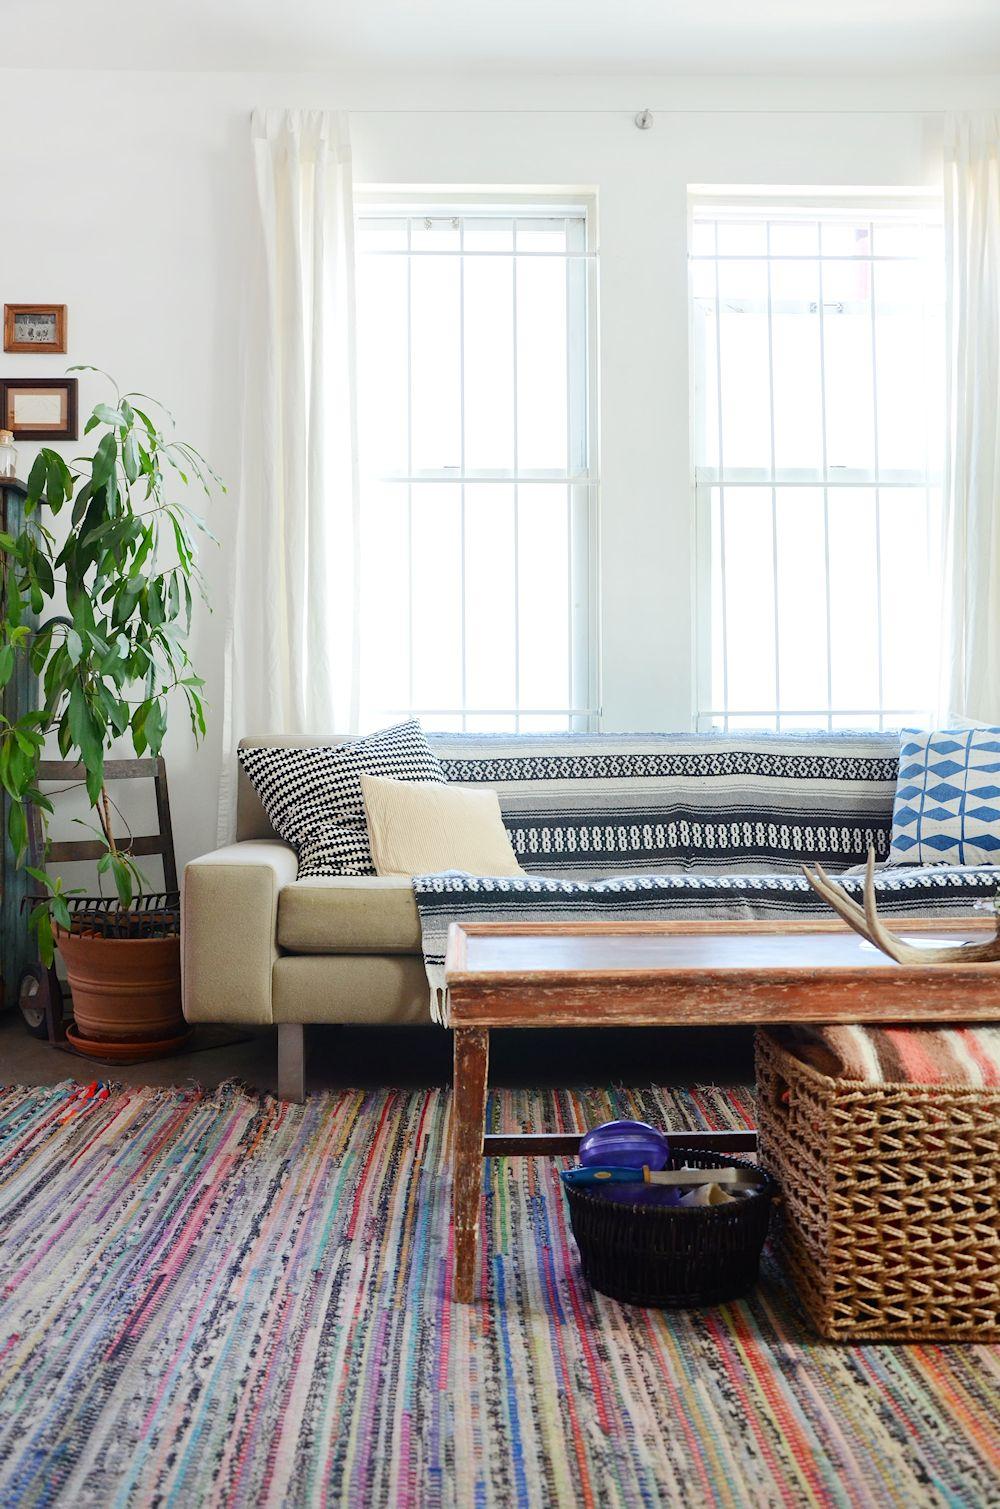 Muebles usados textiles y plantas en la decoraci n de un for Se compran muebles usados